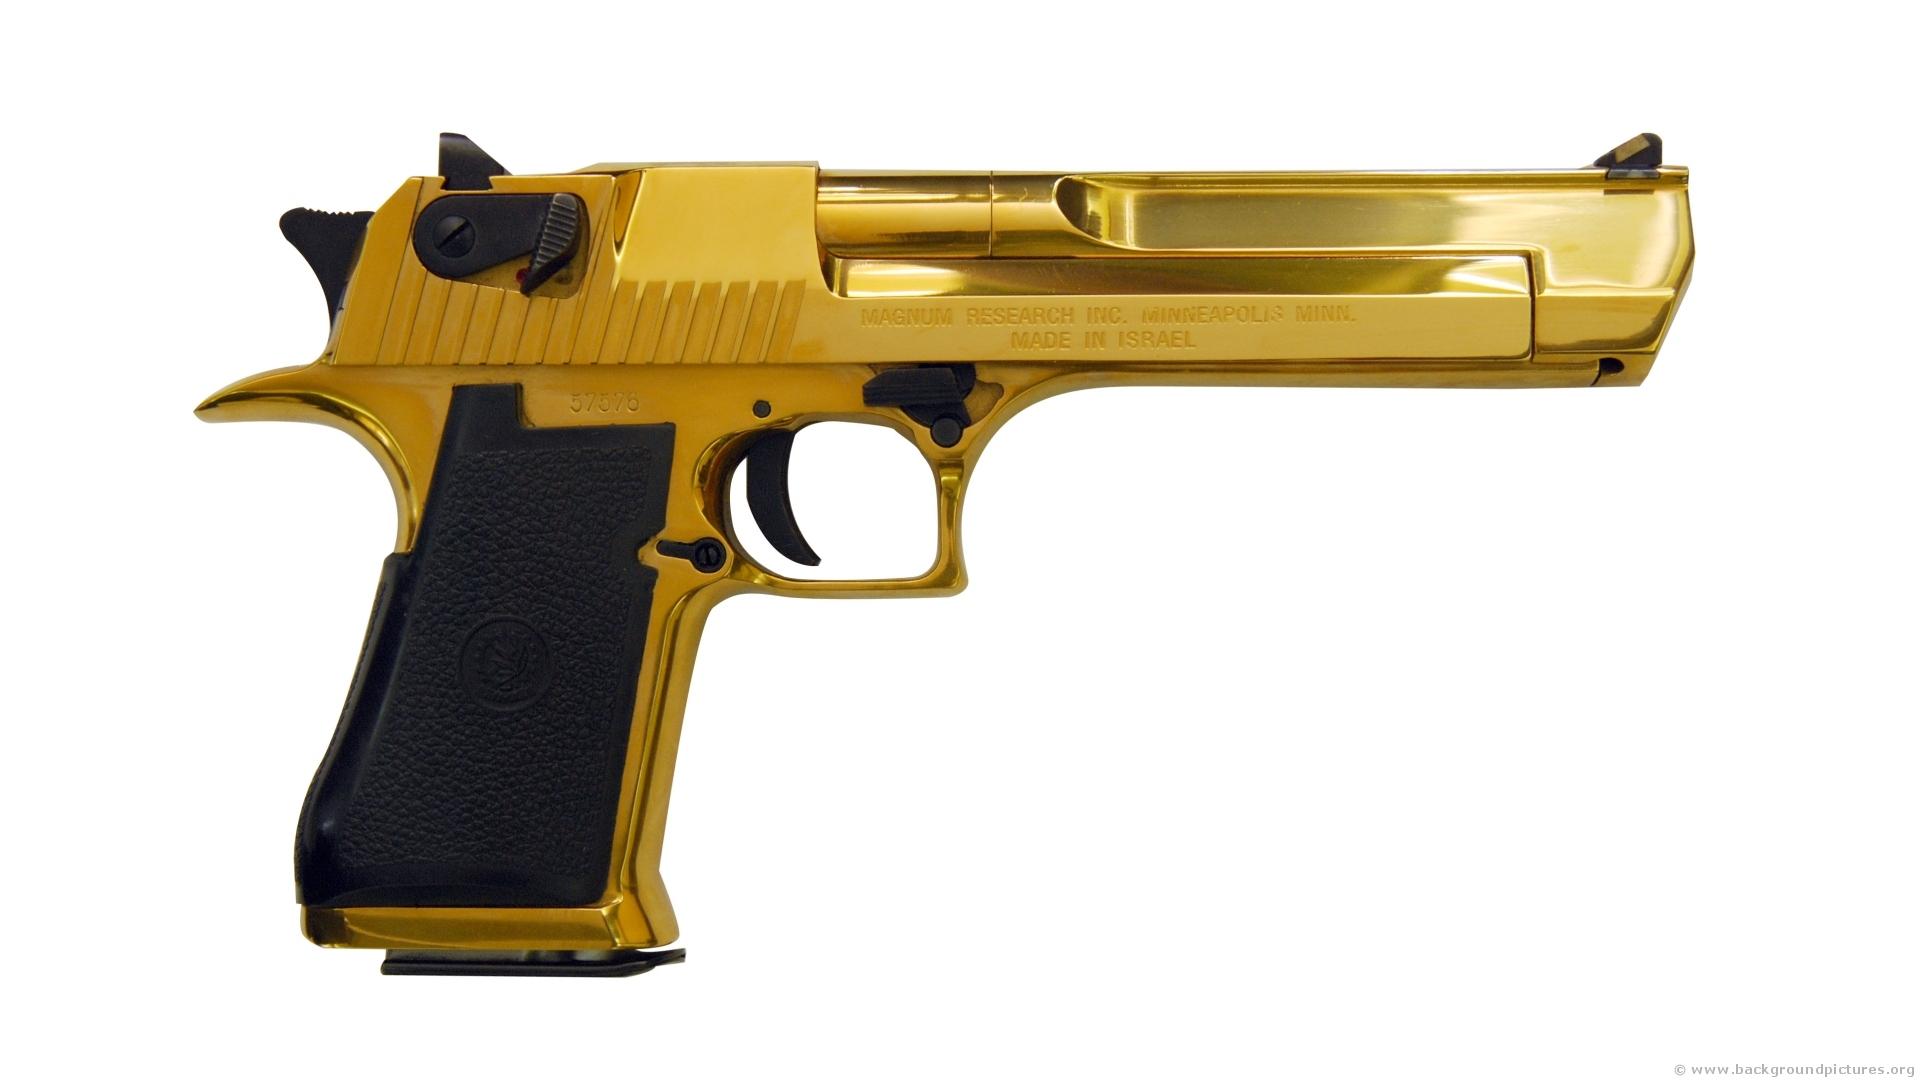 Werehog Betas Golden Weapon Arsenal